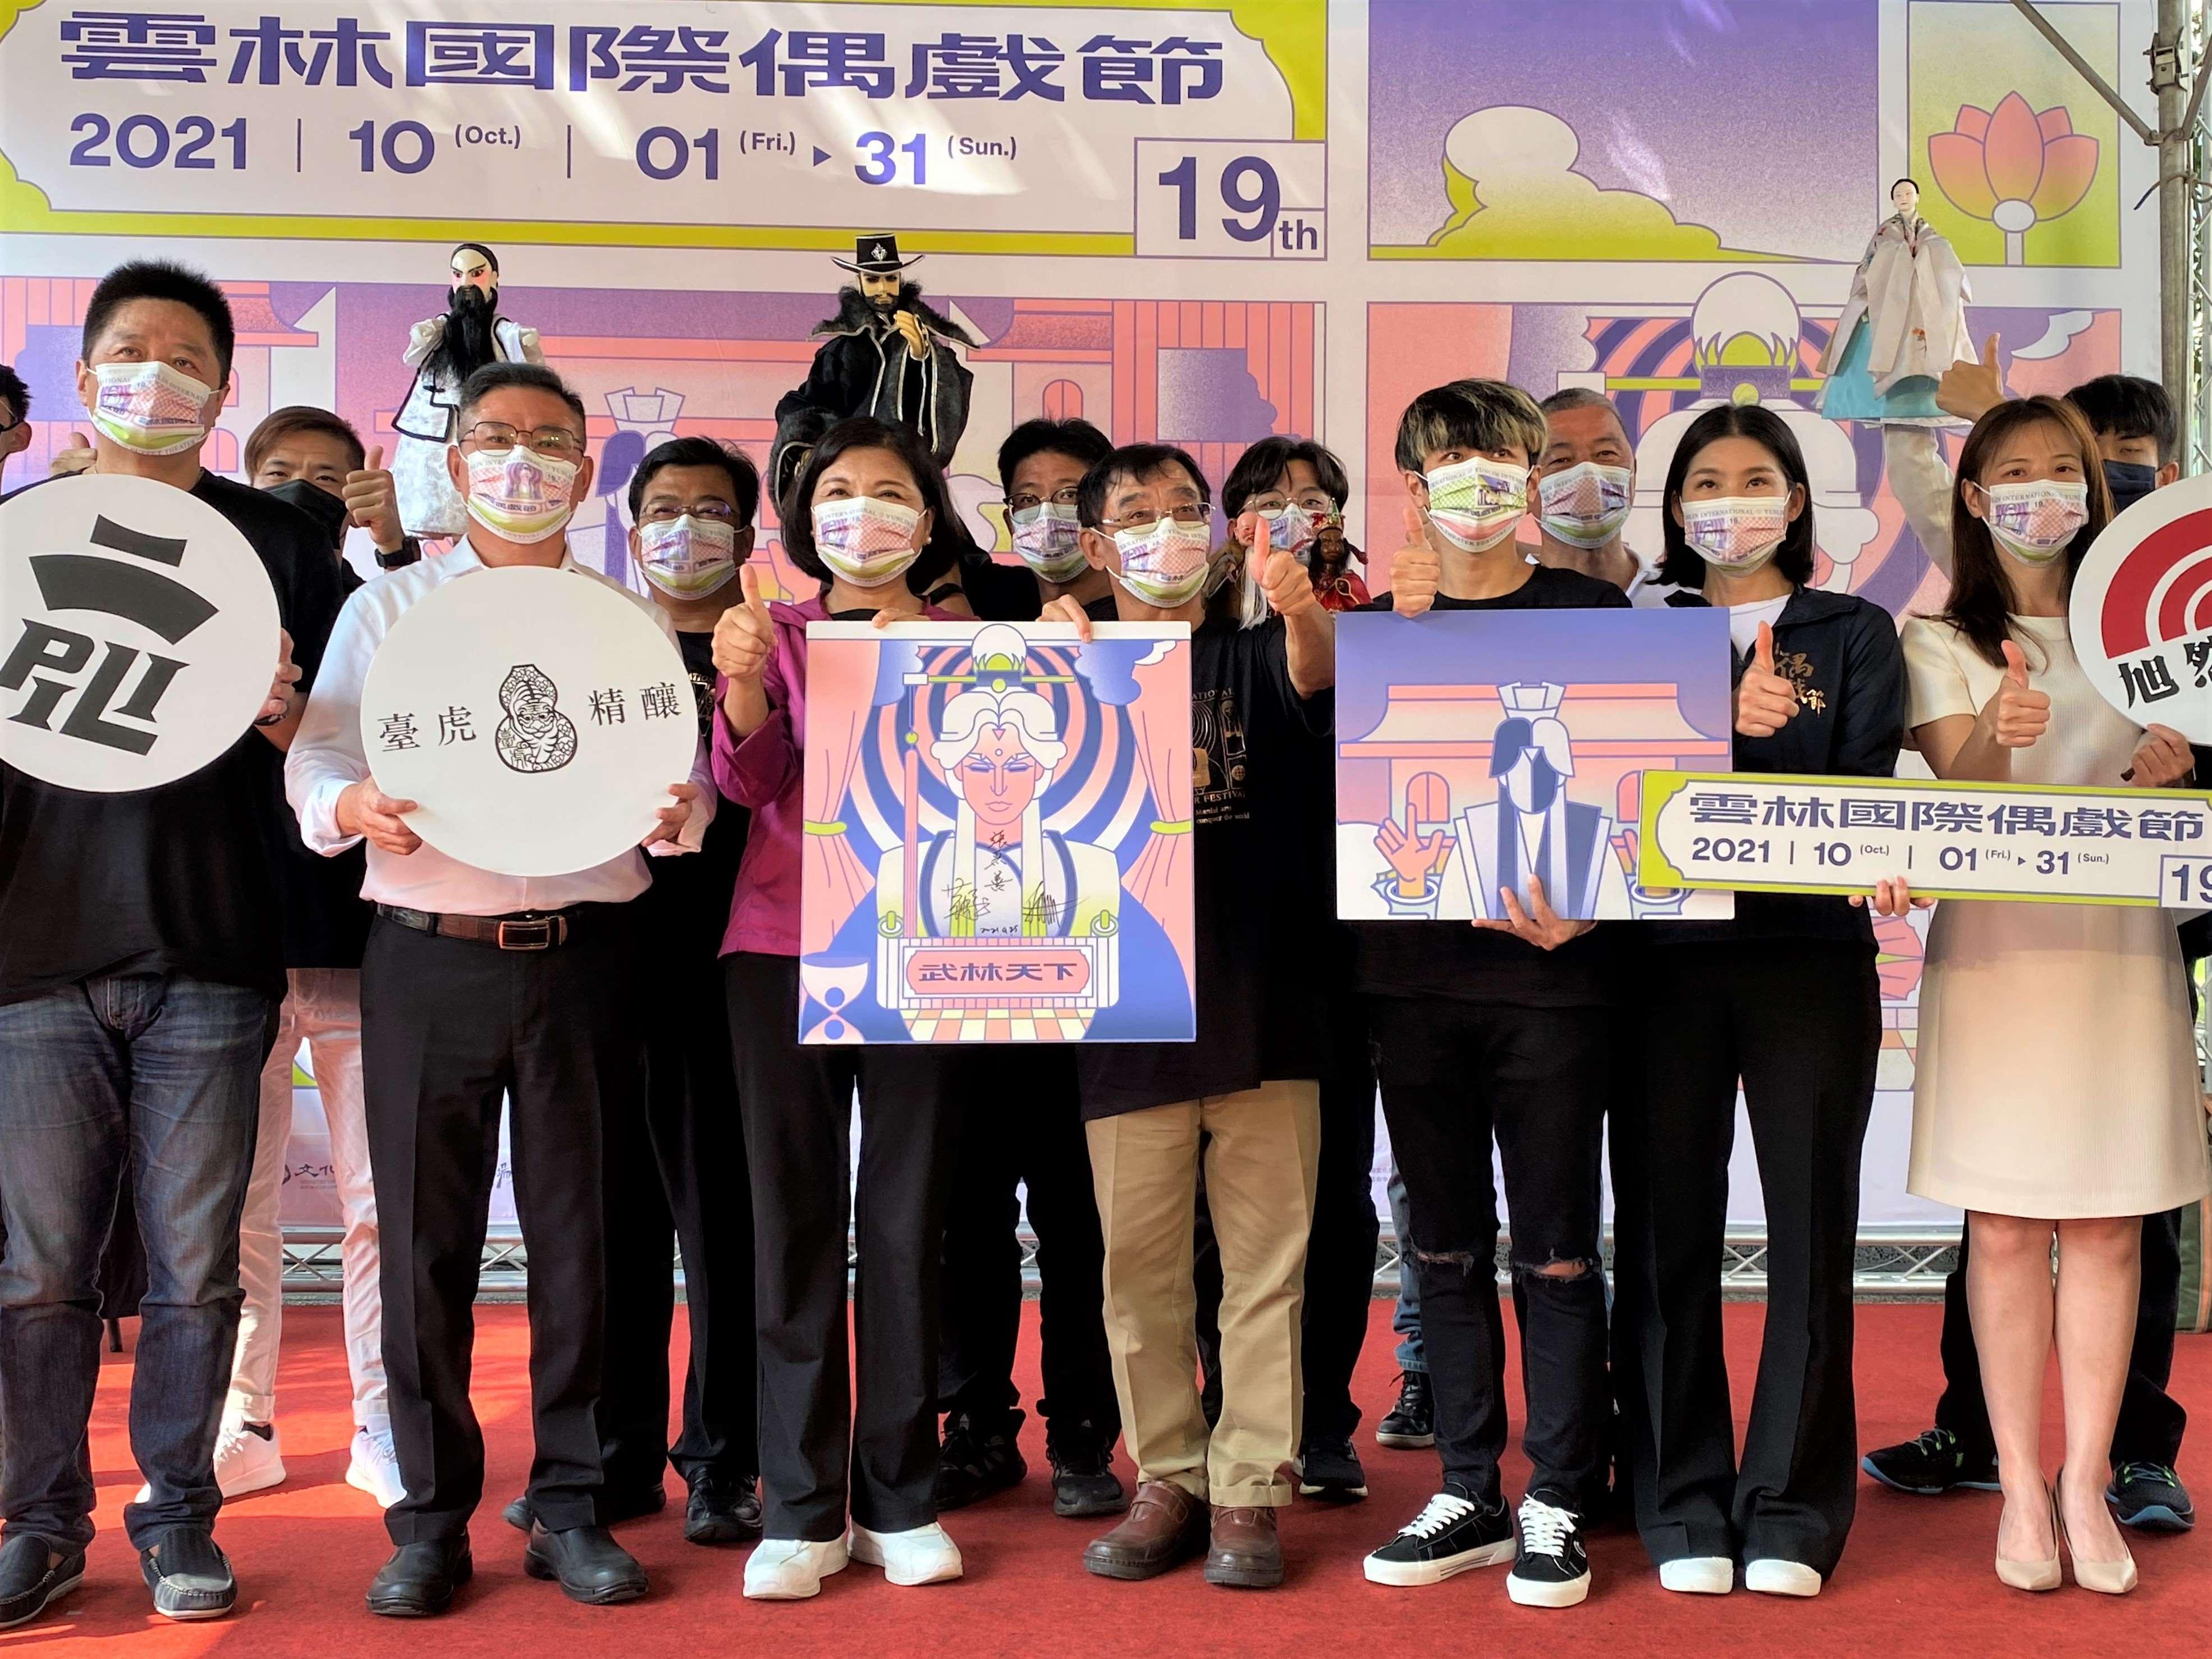 2021雲林國際偶戲節-武林天下 10月1-31日重磅出擊